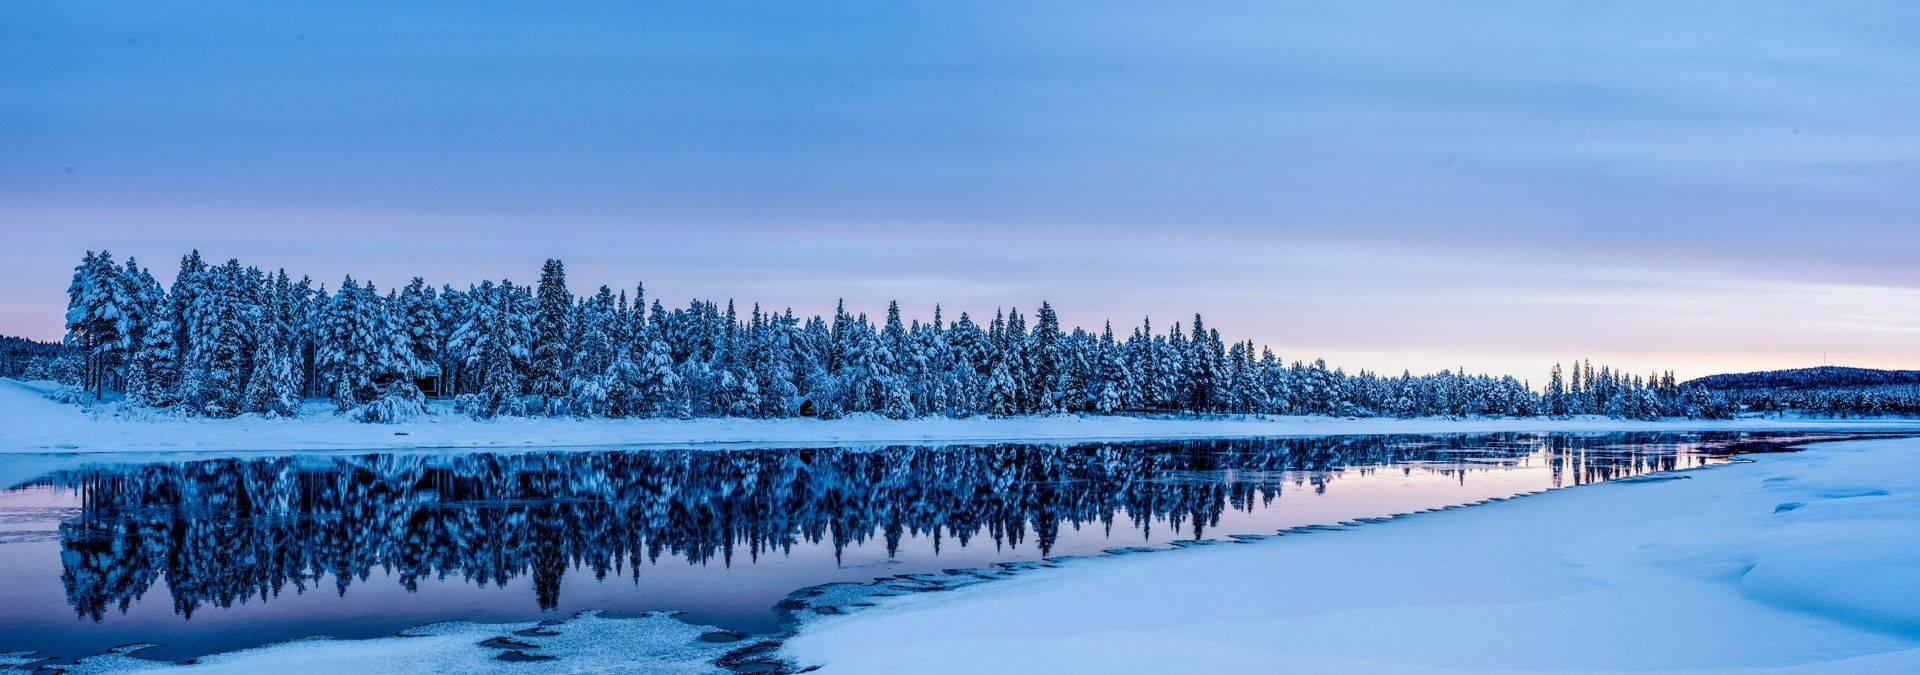 Asaf Kliger Torne River 5679 Credit Asaf Kligerimagebank.Sweden.Se